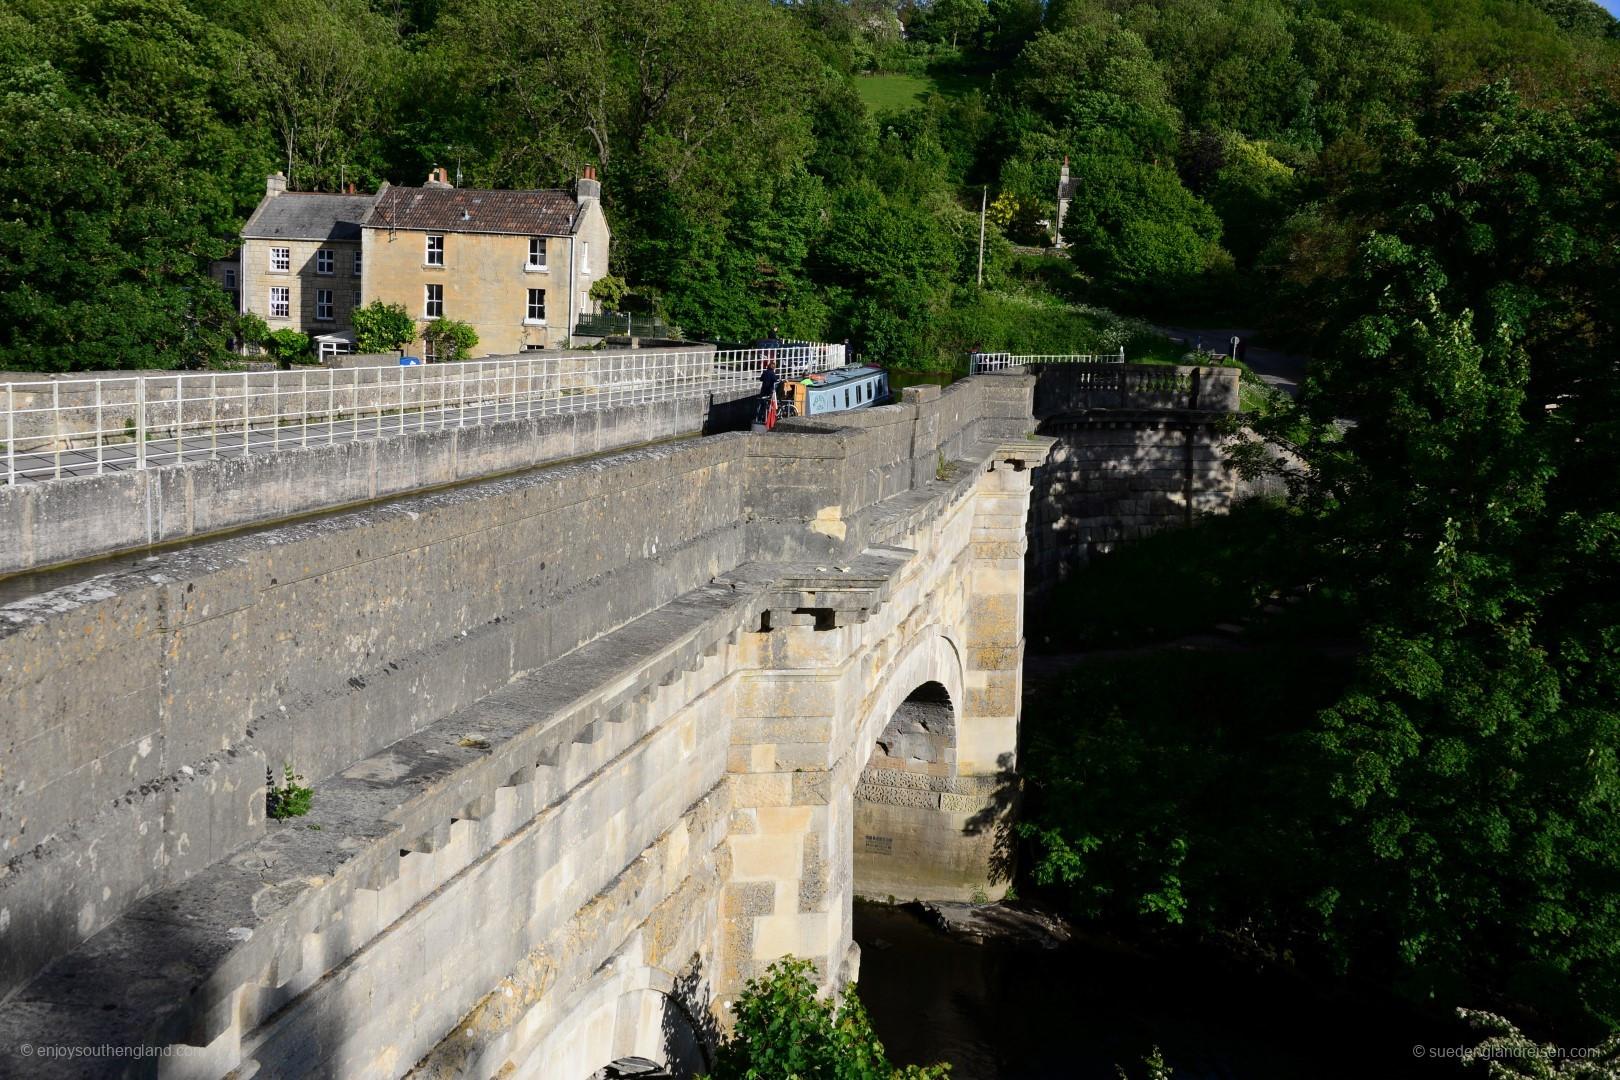 Der Avoncliff Aqueduct